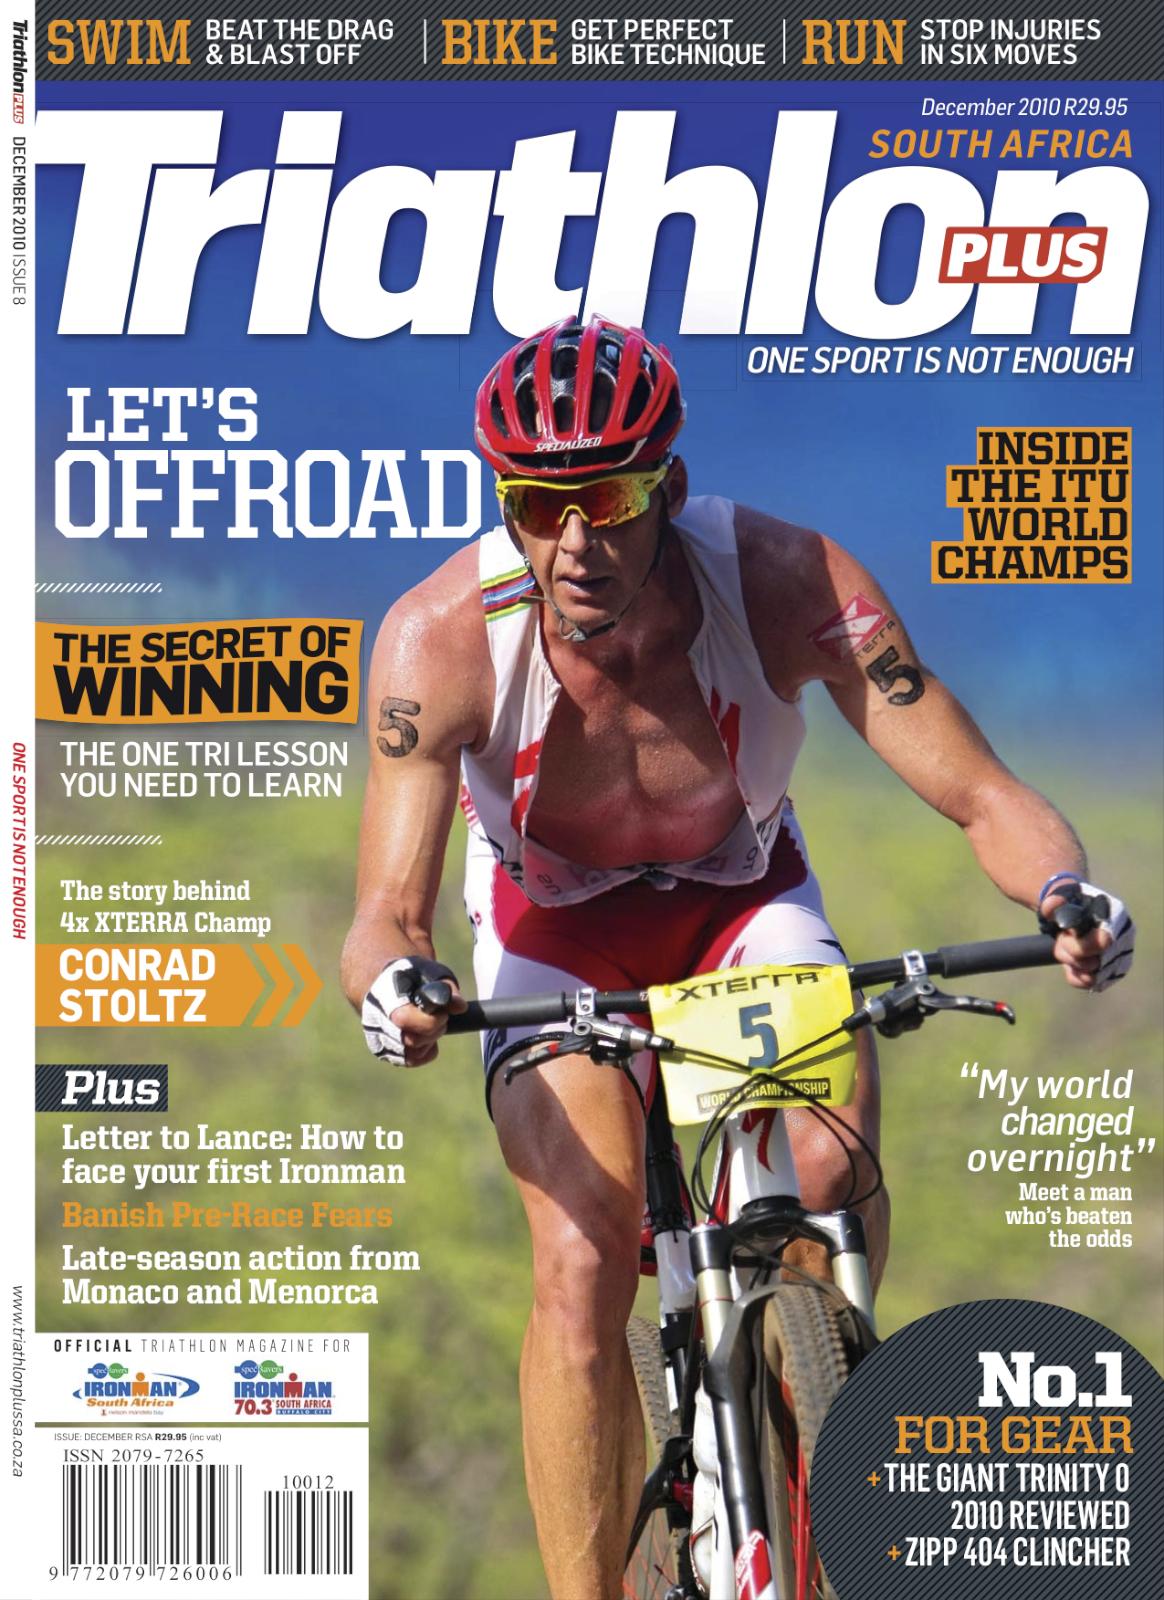 Triathlon Plus Magazine / S. Africa